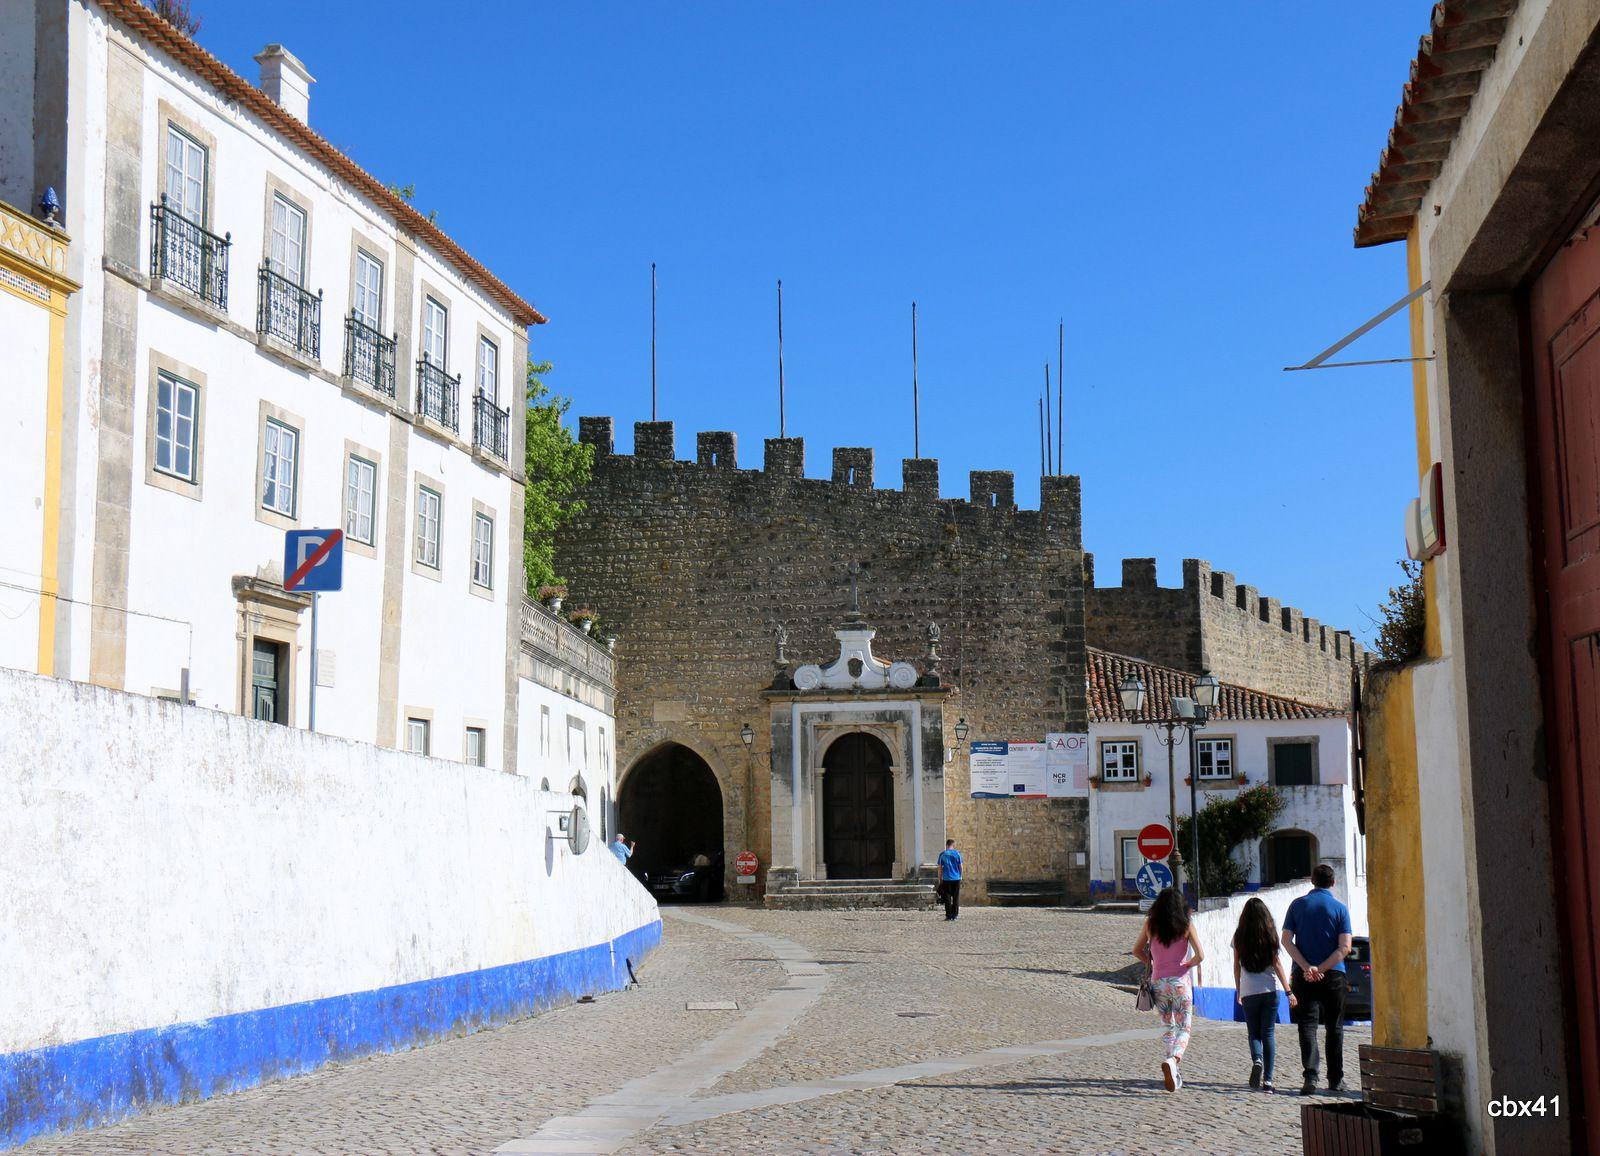 Óbidos (Portugal), L'entrée de la ville et son aqueduc